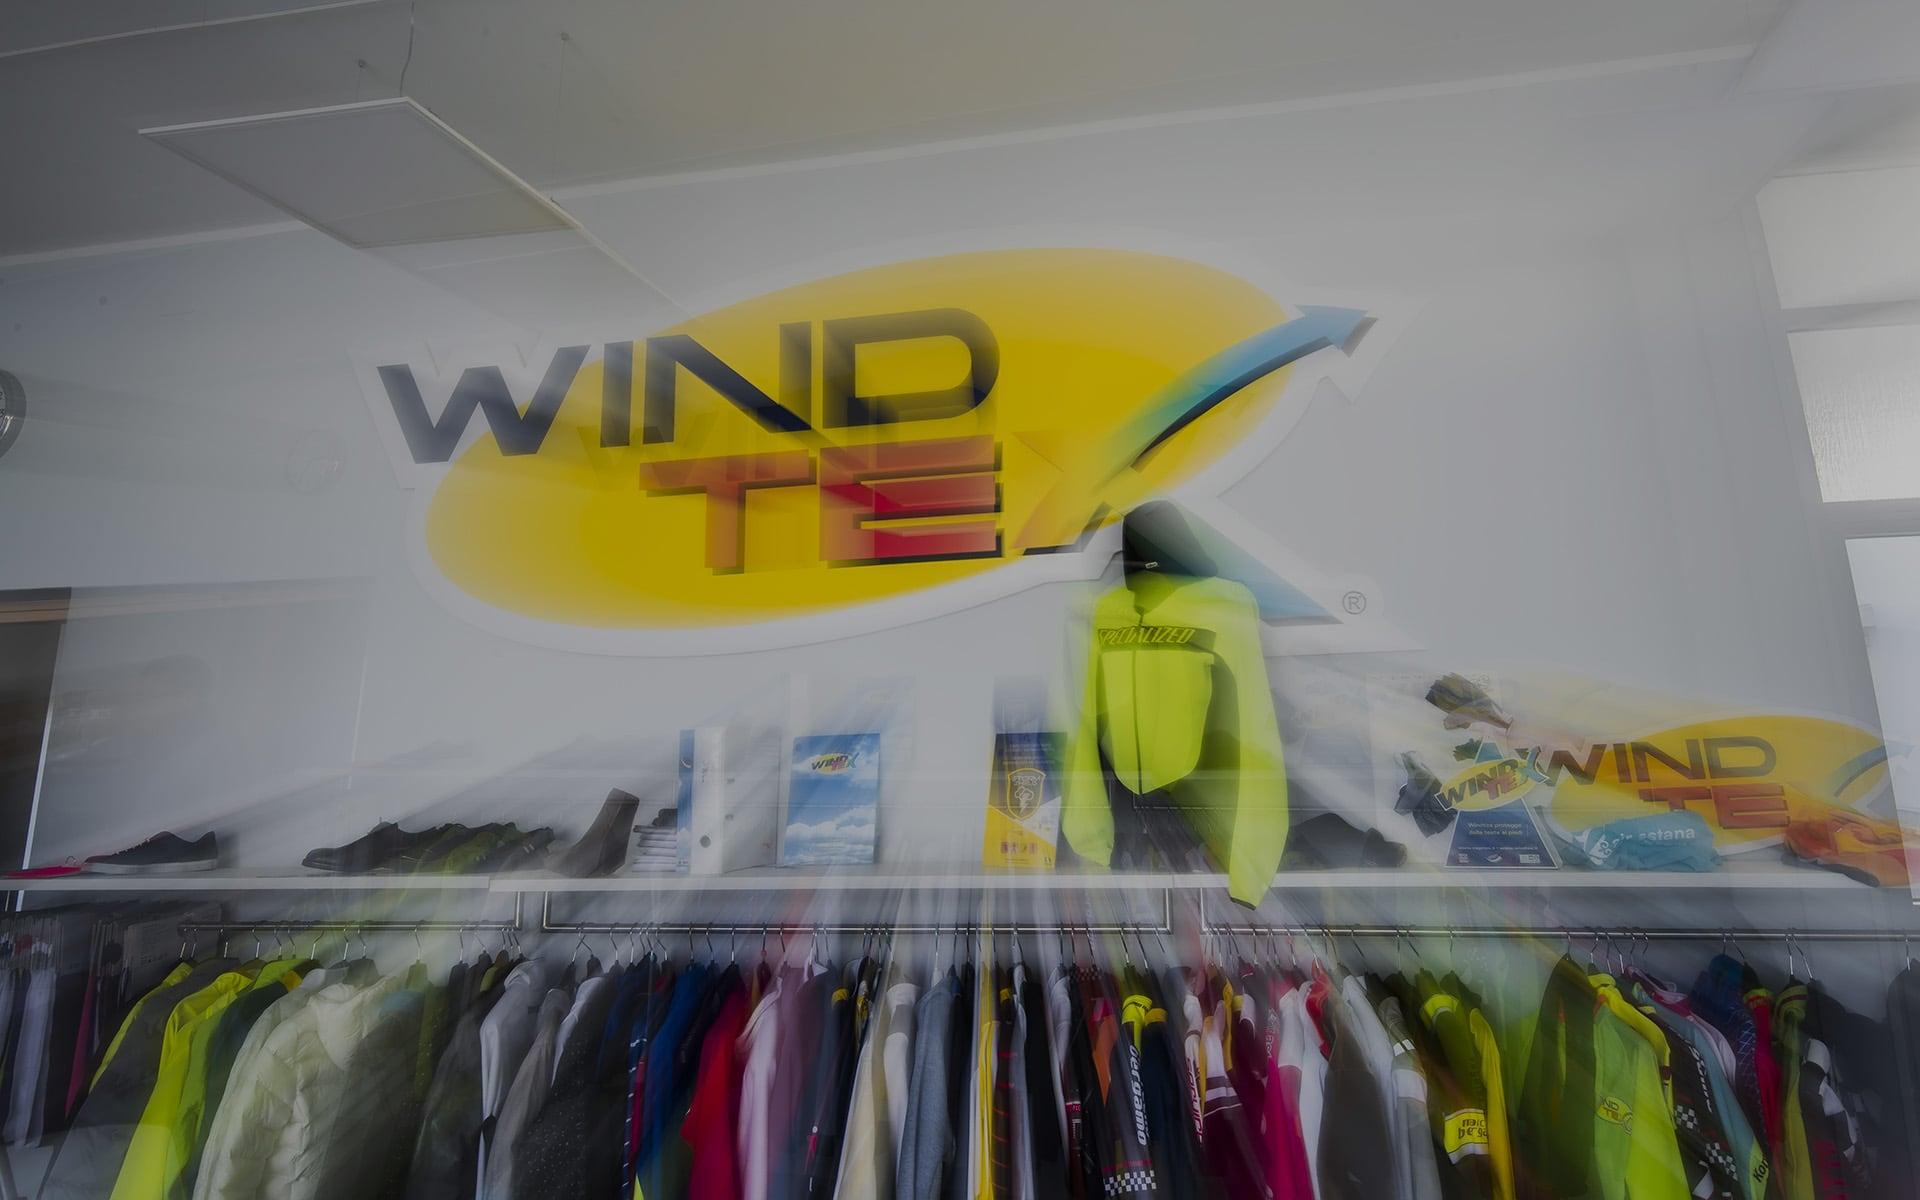 Windtex membranes. Weatherproof